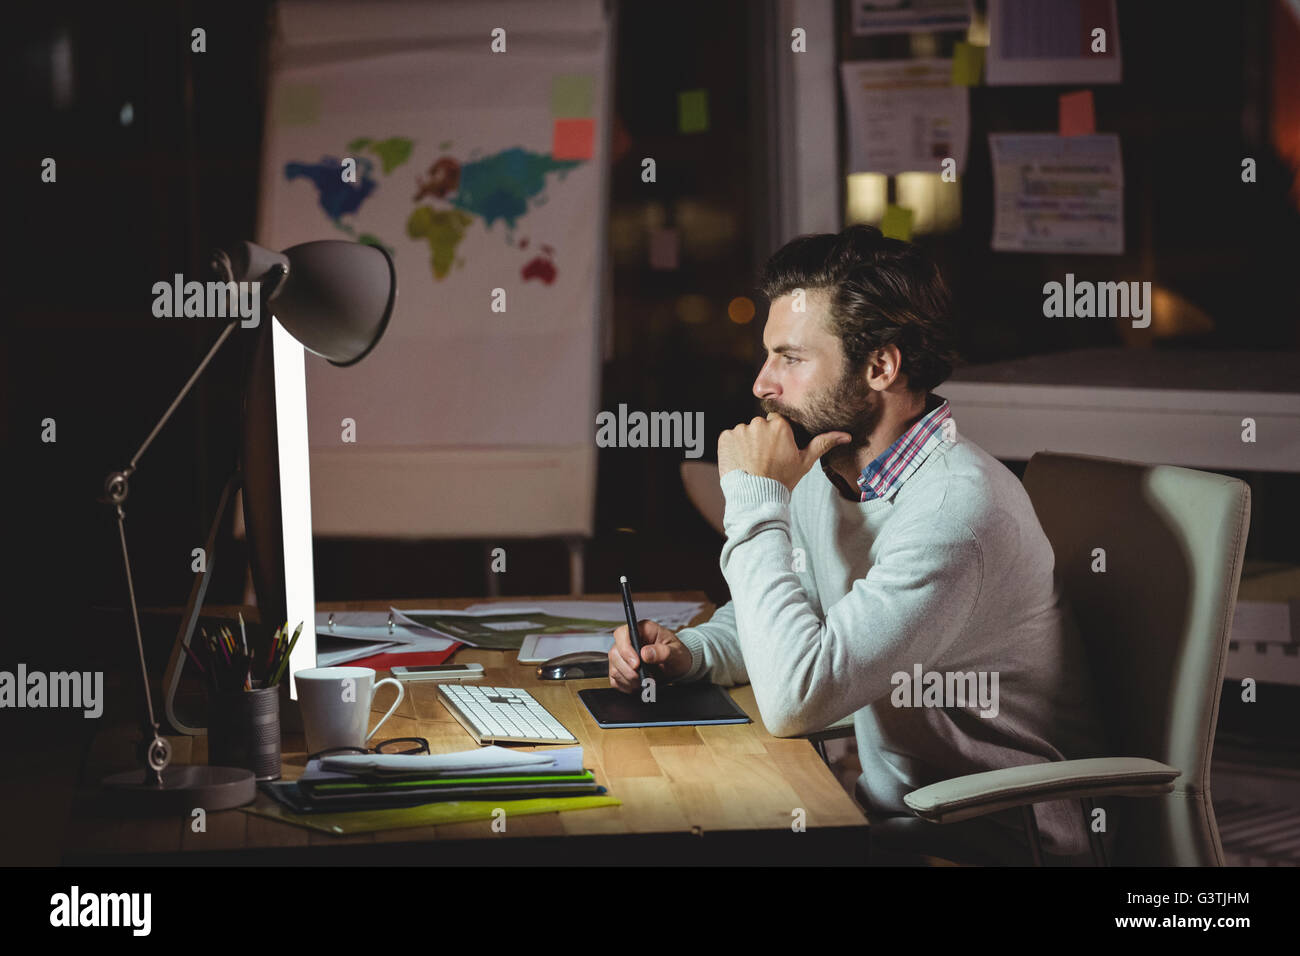 Homme concentré avant de l'ordinateur Photo Stock